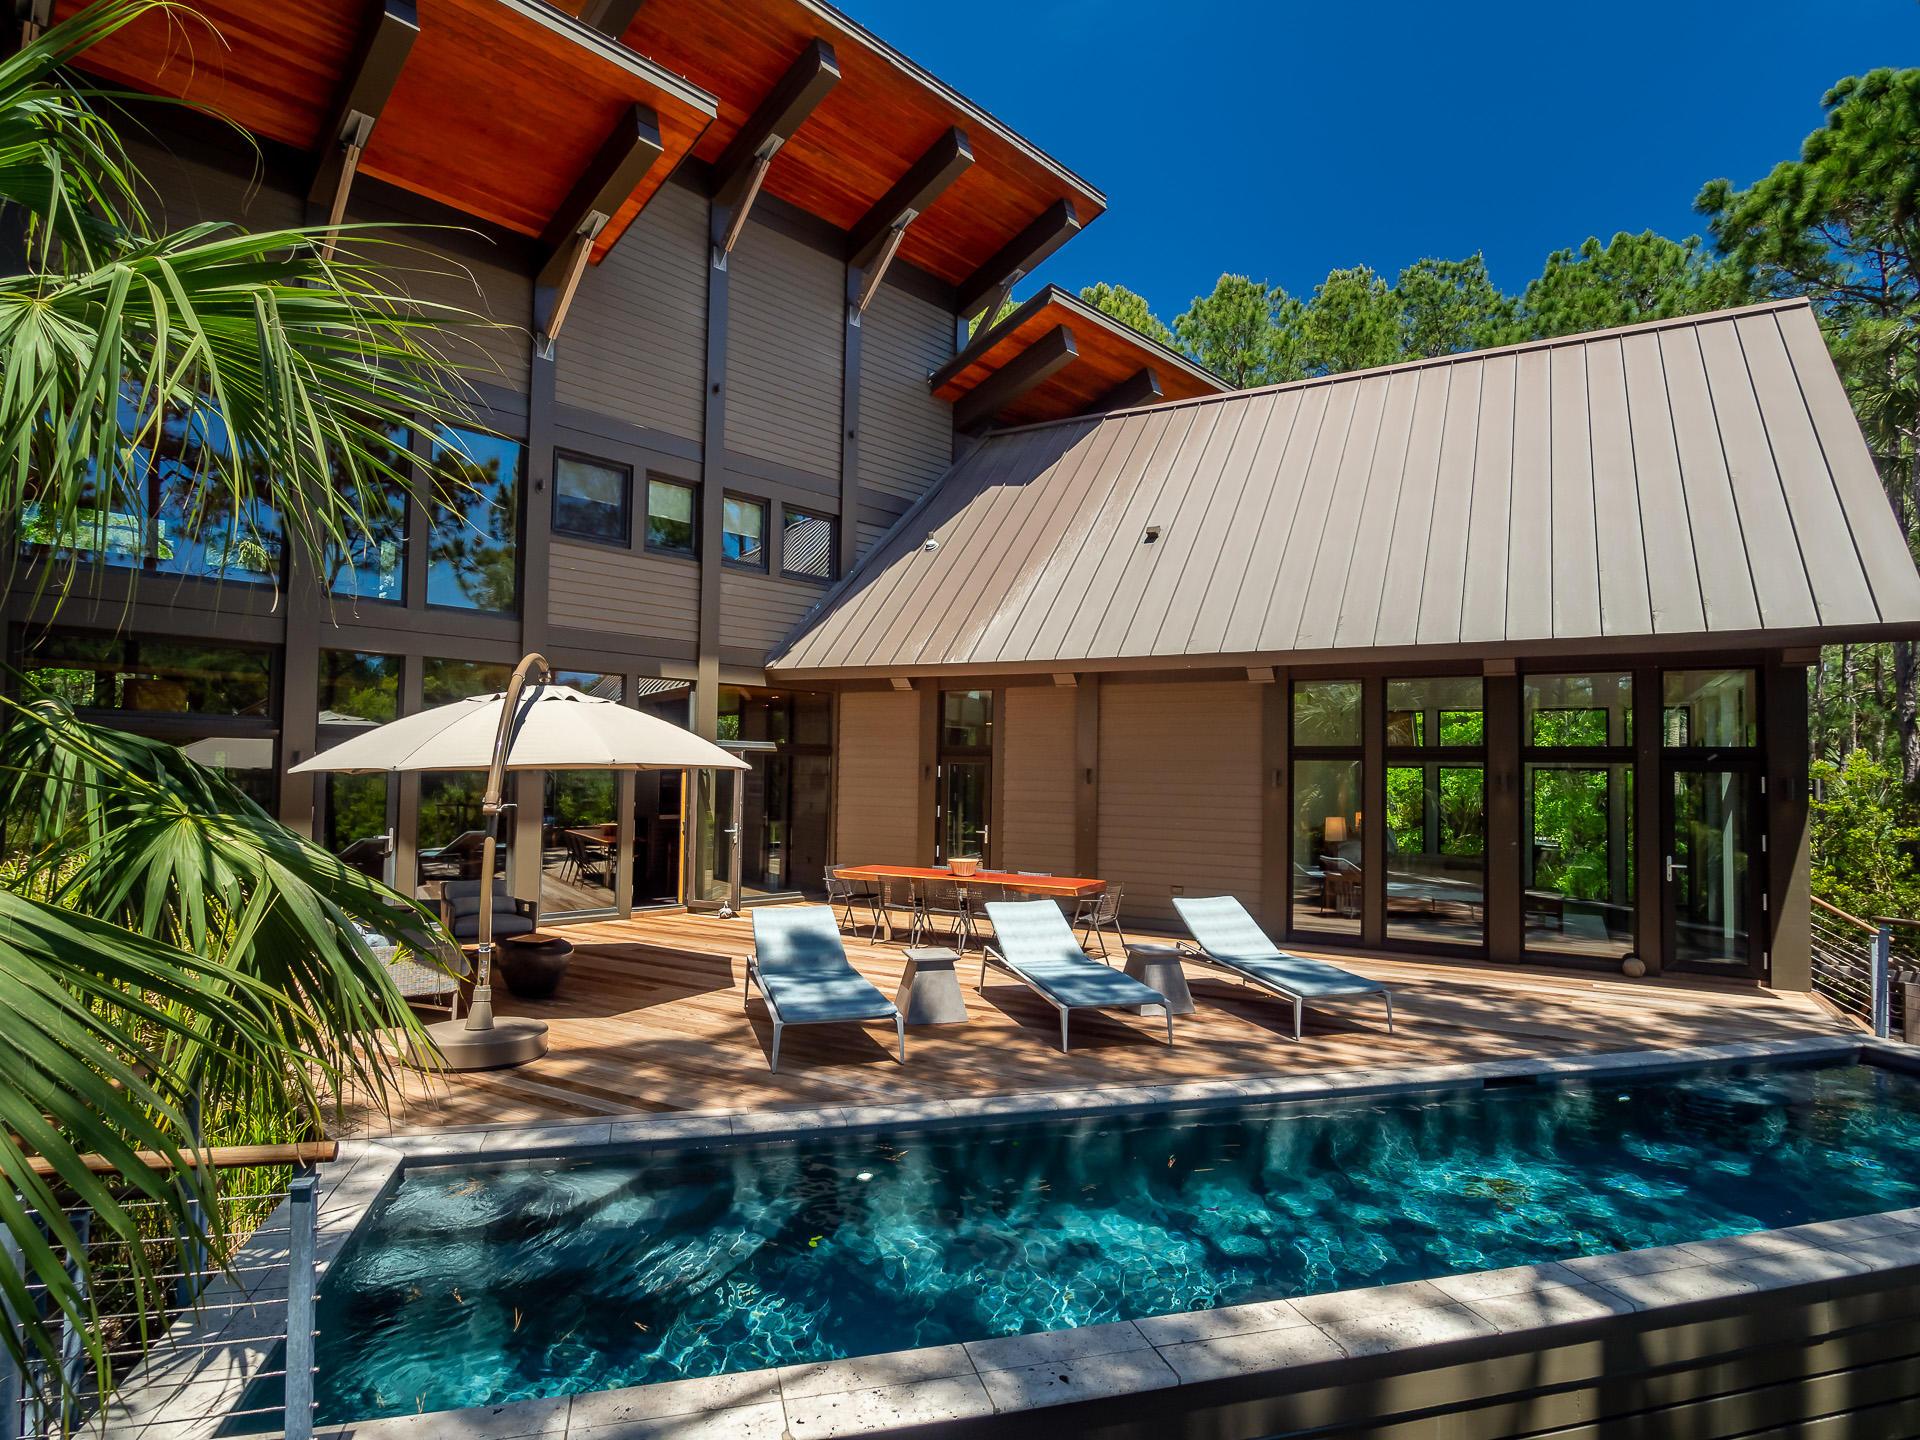 Kiawah Island Homes For Sale - 102 Blue Heron Pond, Kiawah Island, SC - 53